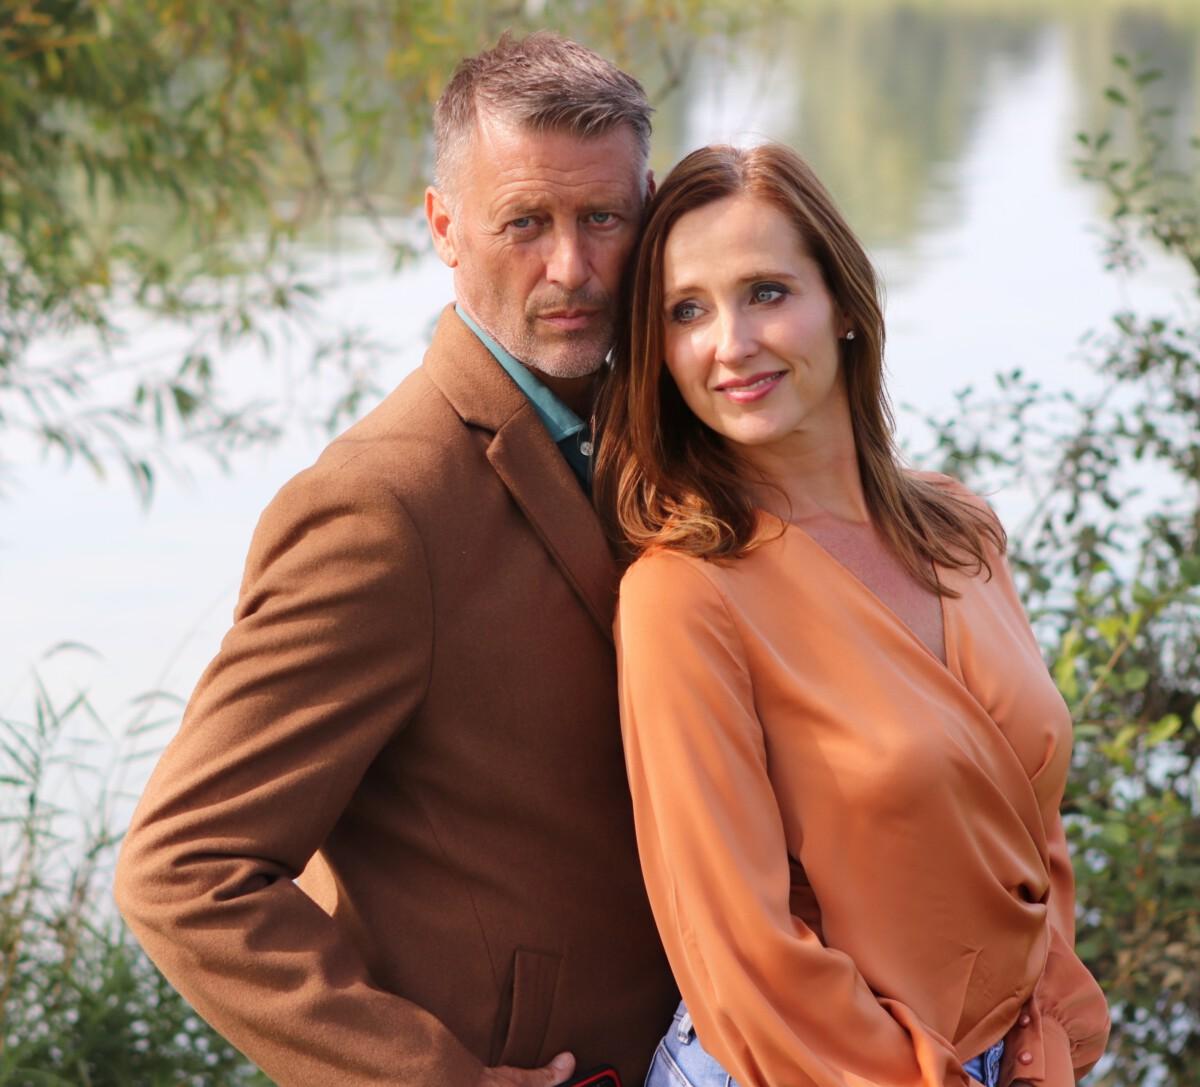 Model Inge verhouden-Smits autumn 2021